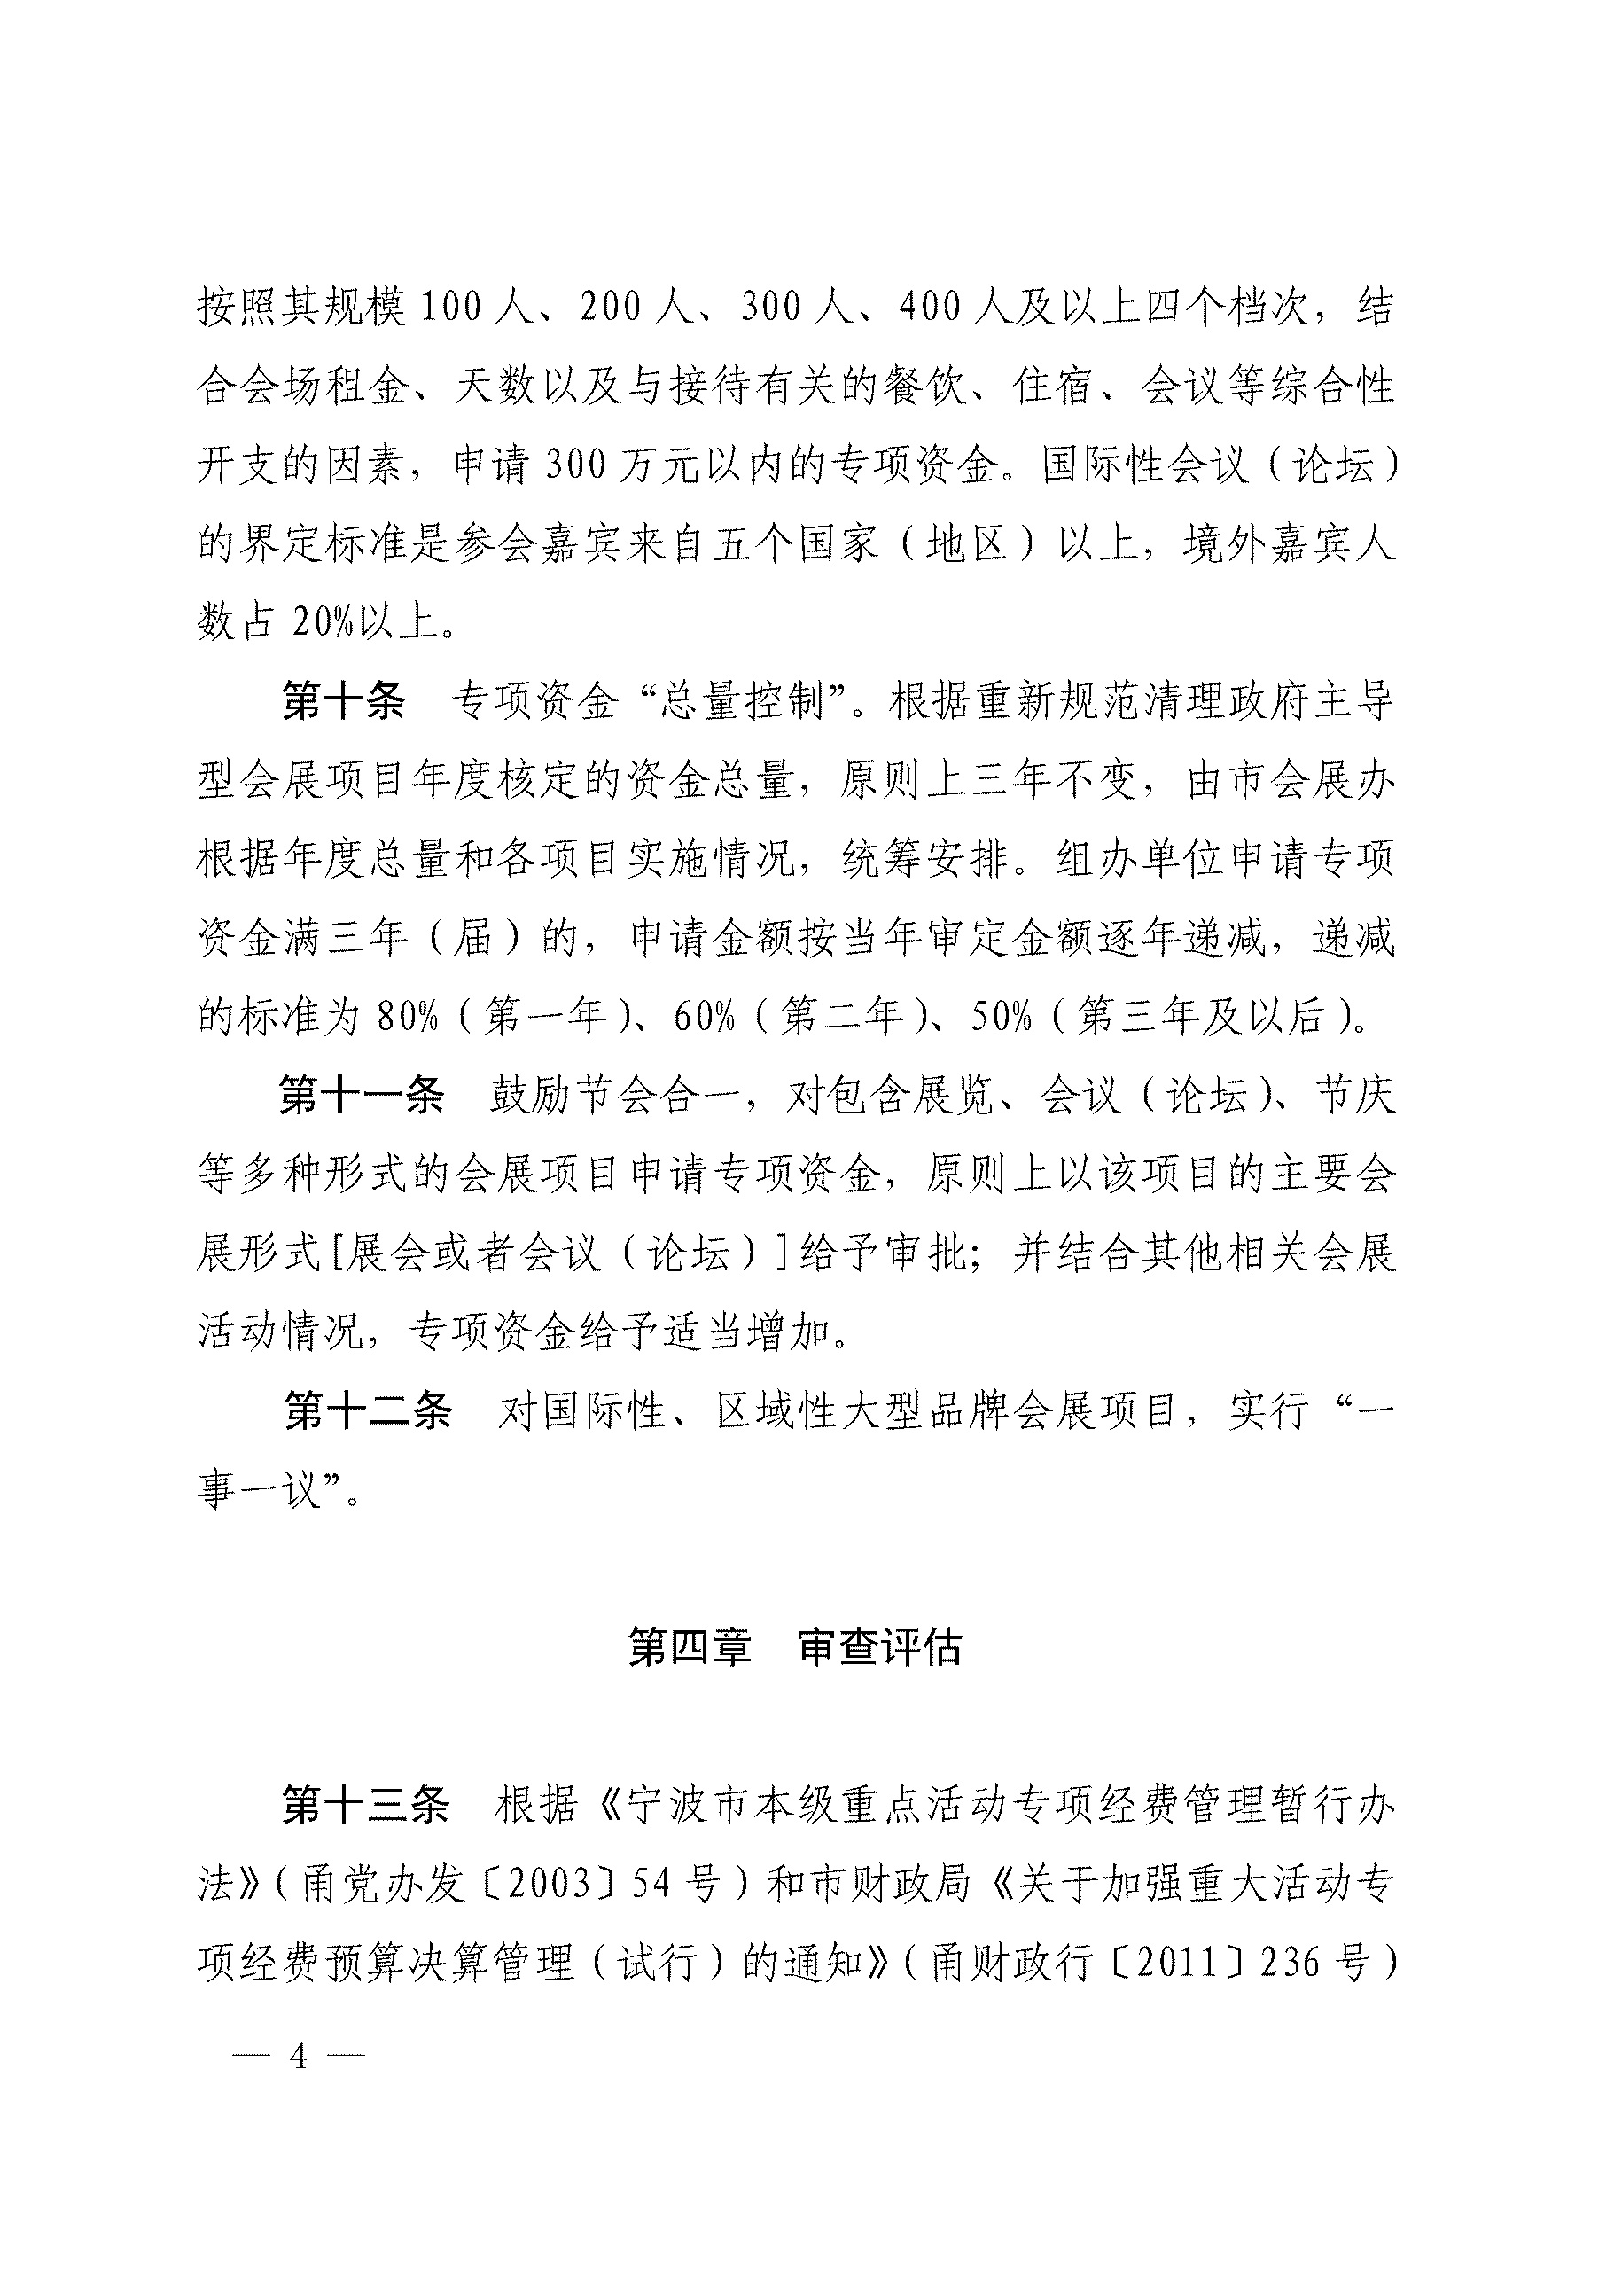 【新】宁波市人民政府办公厅关于印发宁波市本级政府主导型会展项目和经费使用管理办法的通知_p4.jpg